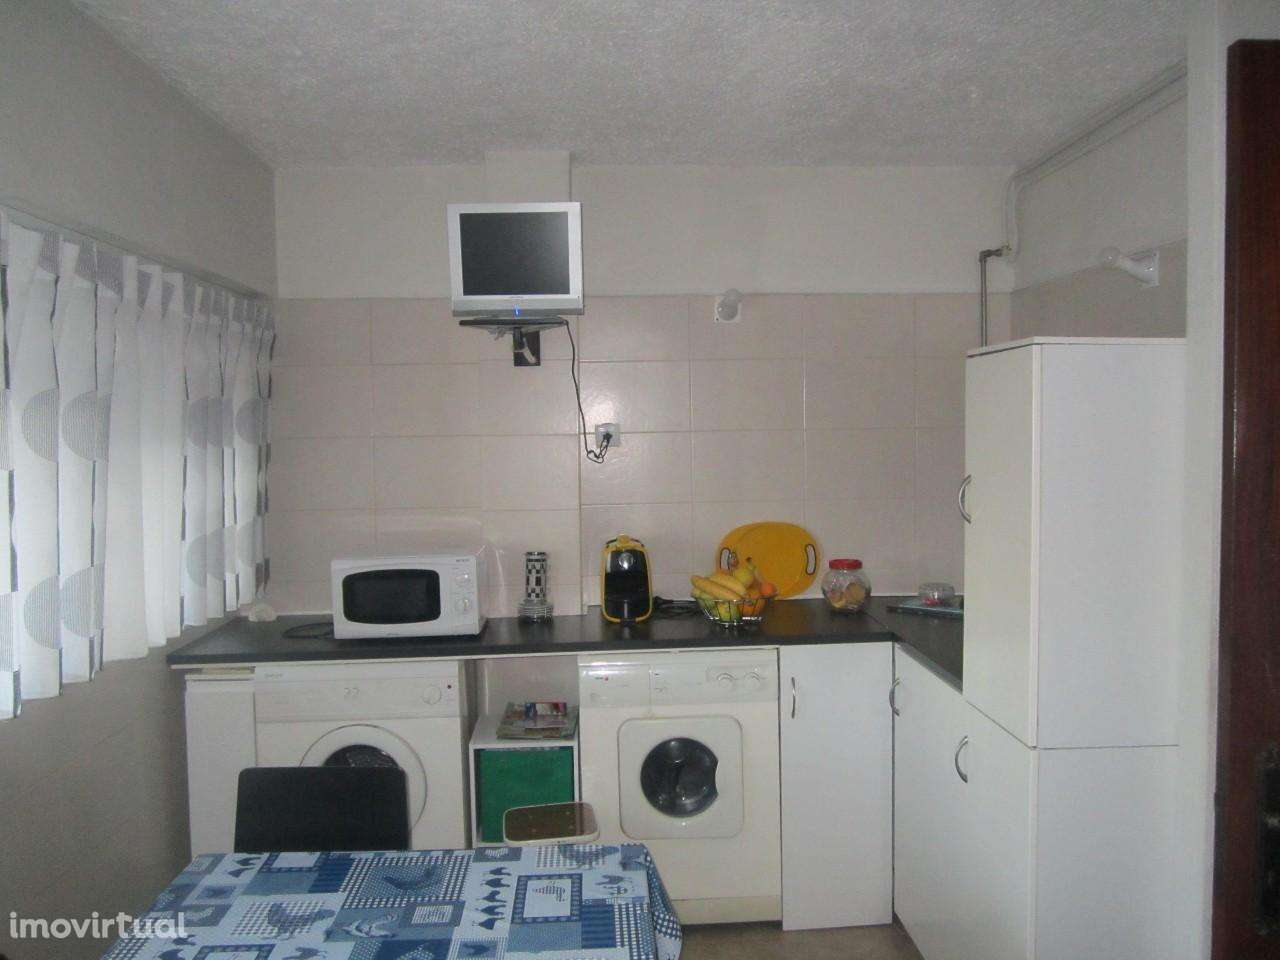 Apartamento para comprar, S. João da Madeira, São João da Madeira, Aveiro - Foto 2